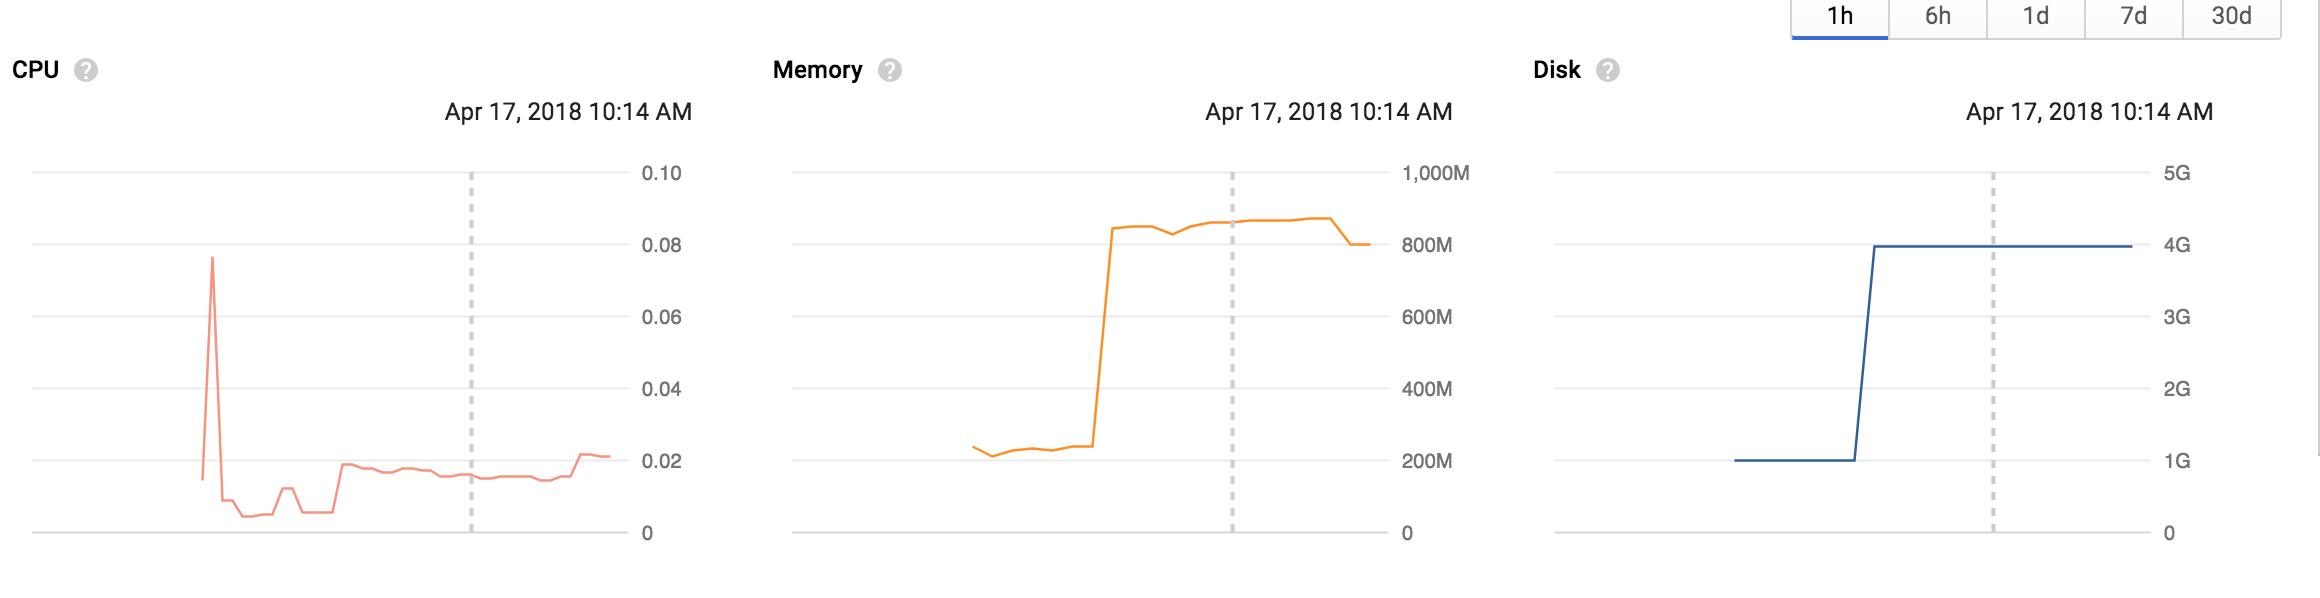 screen shot 2018-04-17 at 10 29 40 am